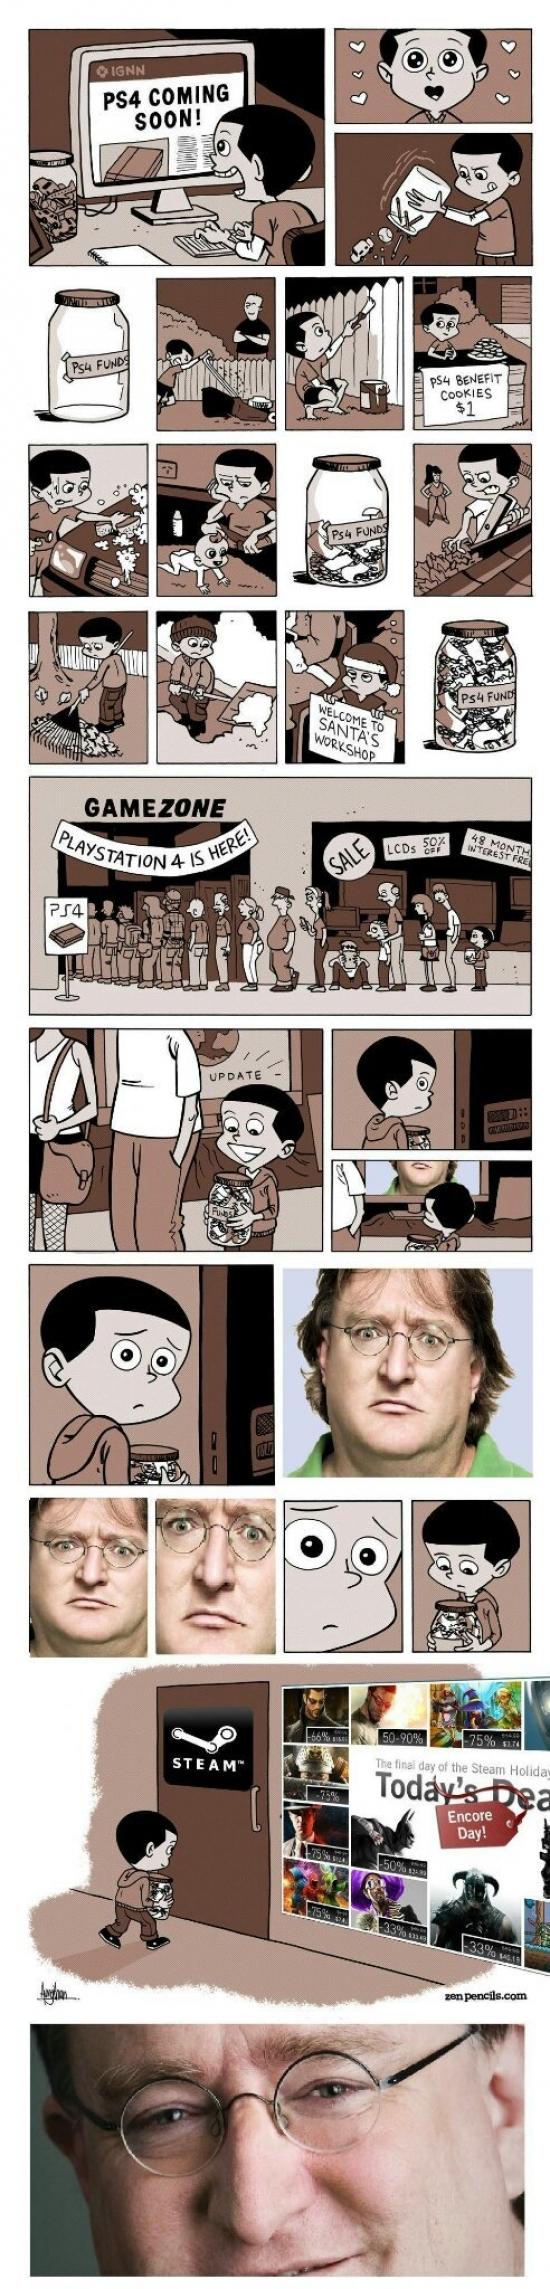 Otros - Gabe Newell siempre te convence como gastar tu dinero